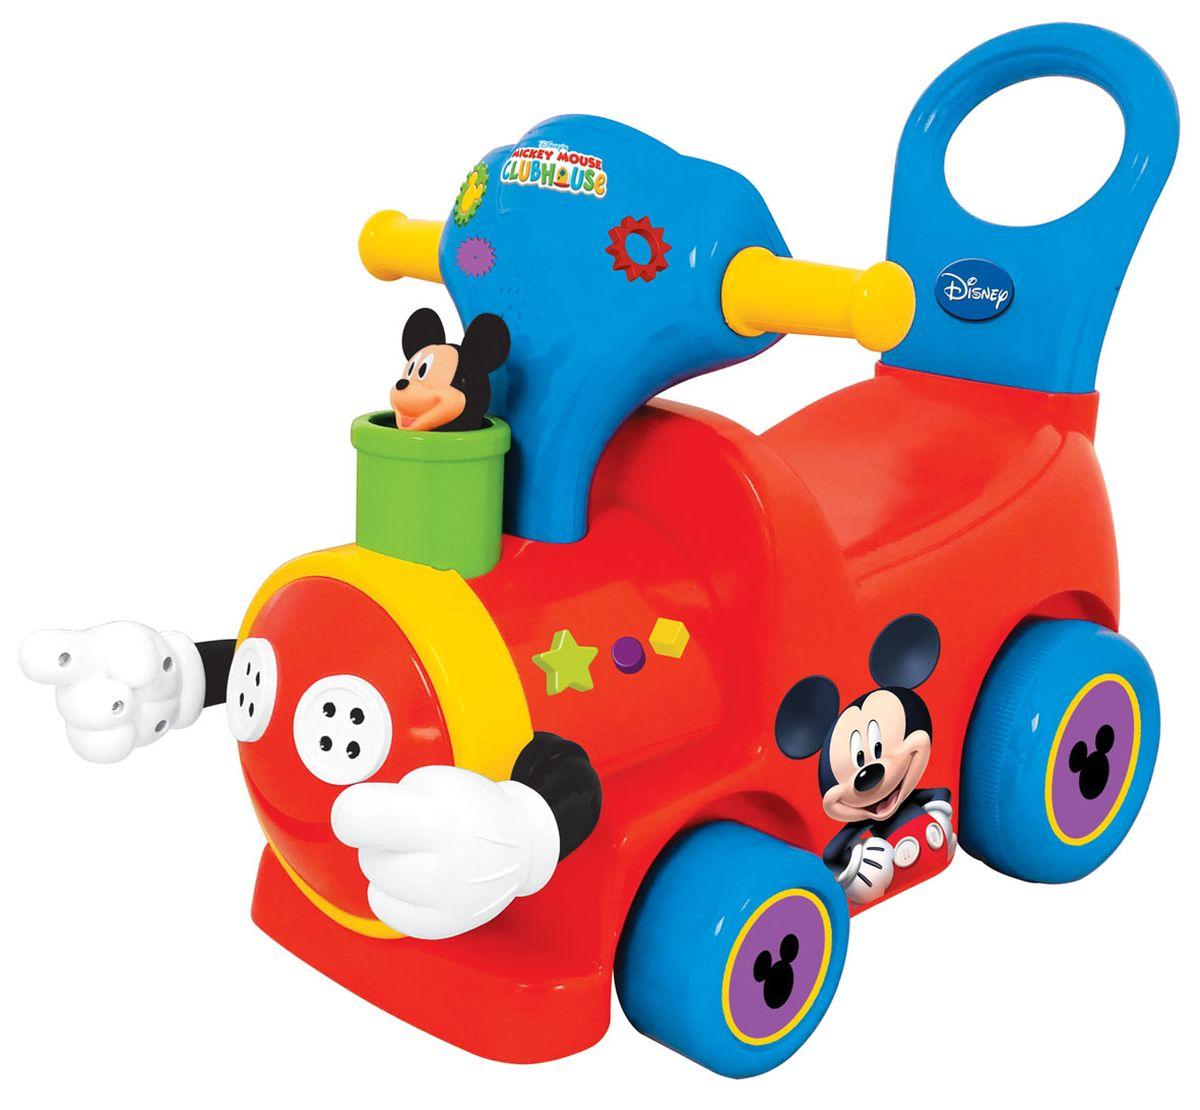 Kiddieland Каталка-пушкар Поезд с Микки МаусомKID 043901Каталка-пушкар Kiddieland Поезд с Микки Маусом станет для крохи любимым времяпровождением на свежем воздухе. Ведь стоит только немного оттолкнуться ногами, как этот яркий паровозик стремится вдаль и даже светится разноцветными огоньками, придающими ему особую реалистичность. А чтобы развлечь себя музыкой, малыш может нажать на кнопочки возле руля и наслаждаться приятным звучанием мелодий в пути. Особенности: Каталка предназначена для использования не только на улице, но и дома. Корпус каталки украшен декоративными наклейками с изображением героя мультика, а на передней панели расположен руль с кнопочками, рычаг скоростей и ключ зажигания. Декоративные огоньки на корпусе изделия во время движения светятся. Кнопочки и гудок на руле дополнены звуковым модулем, поэтому дети могут услышать звуки мотора и мелодии. Спинка на корпусе изделия одновременно может служить ручкой для его толкания вперед, а также поможет спине...